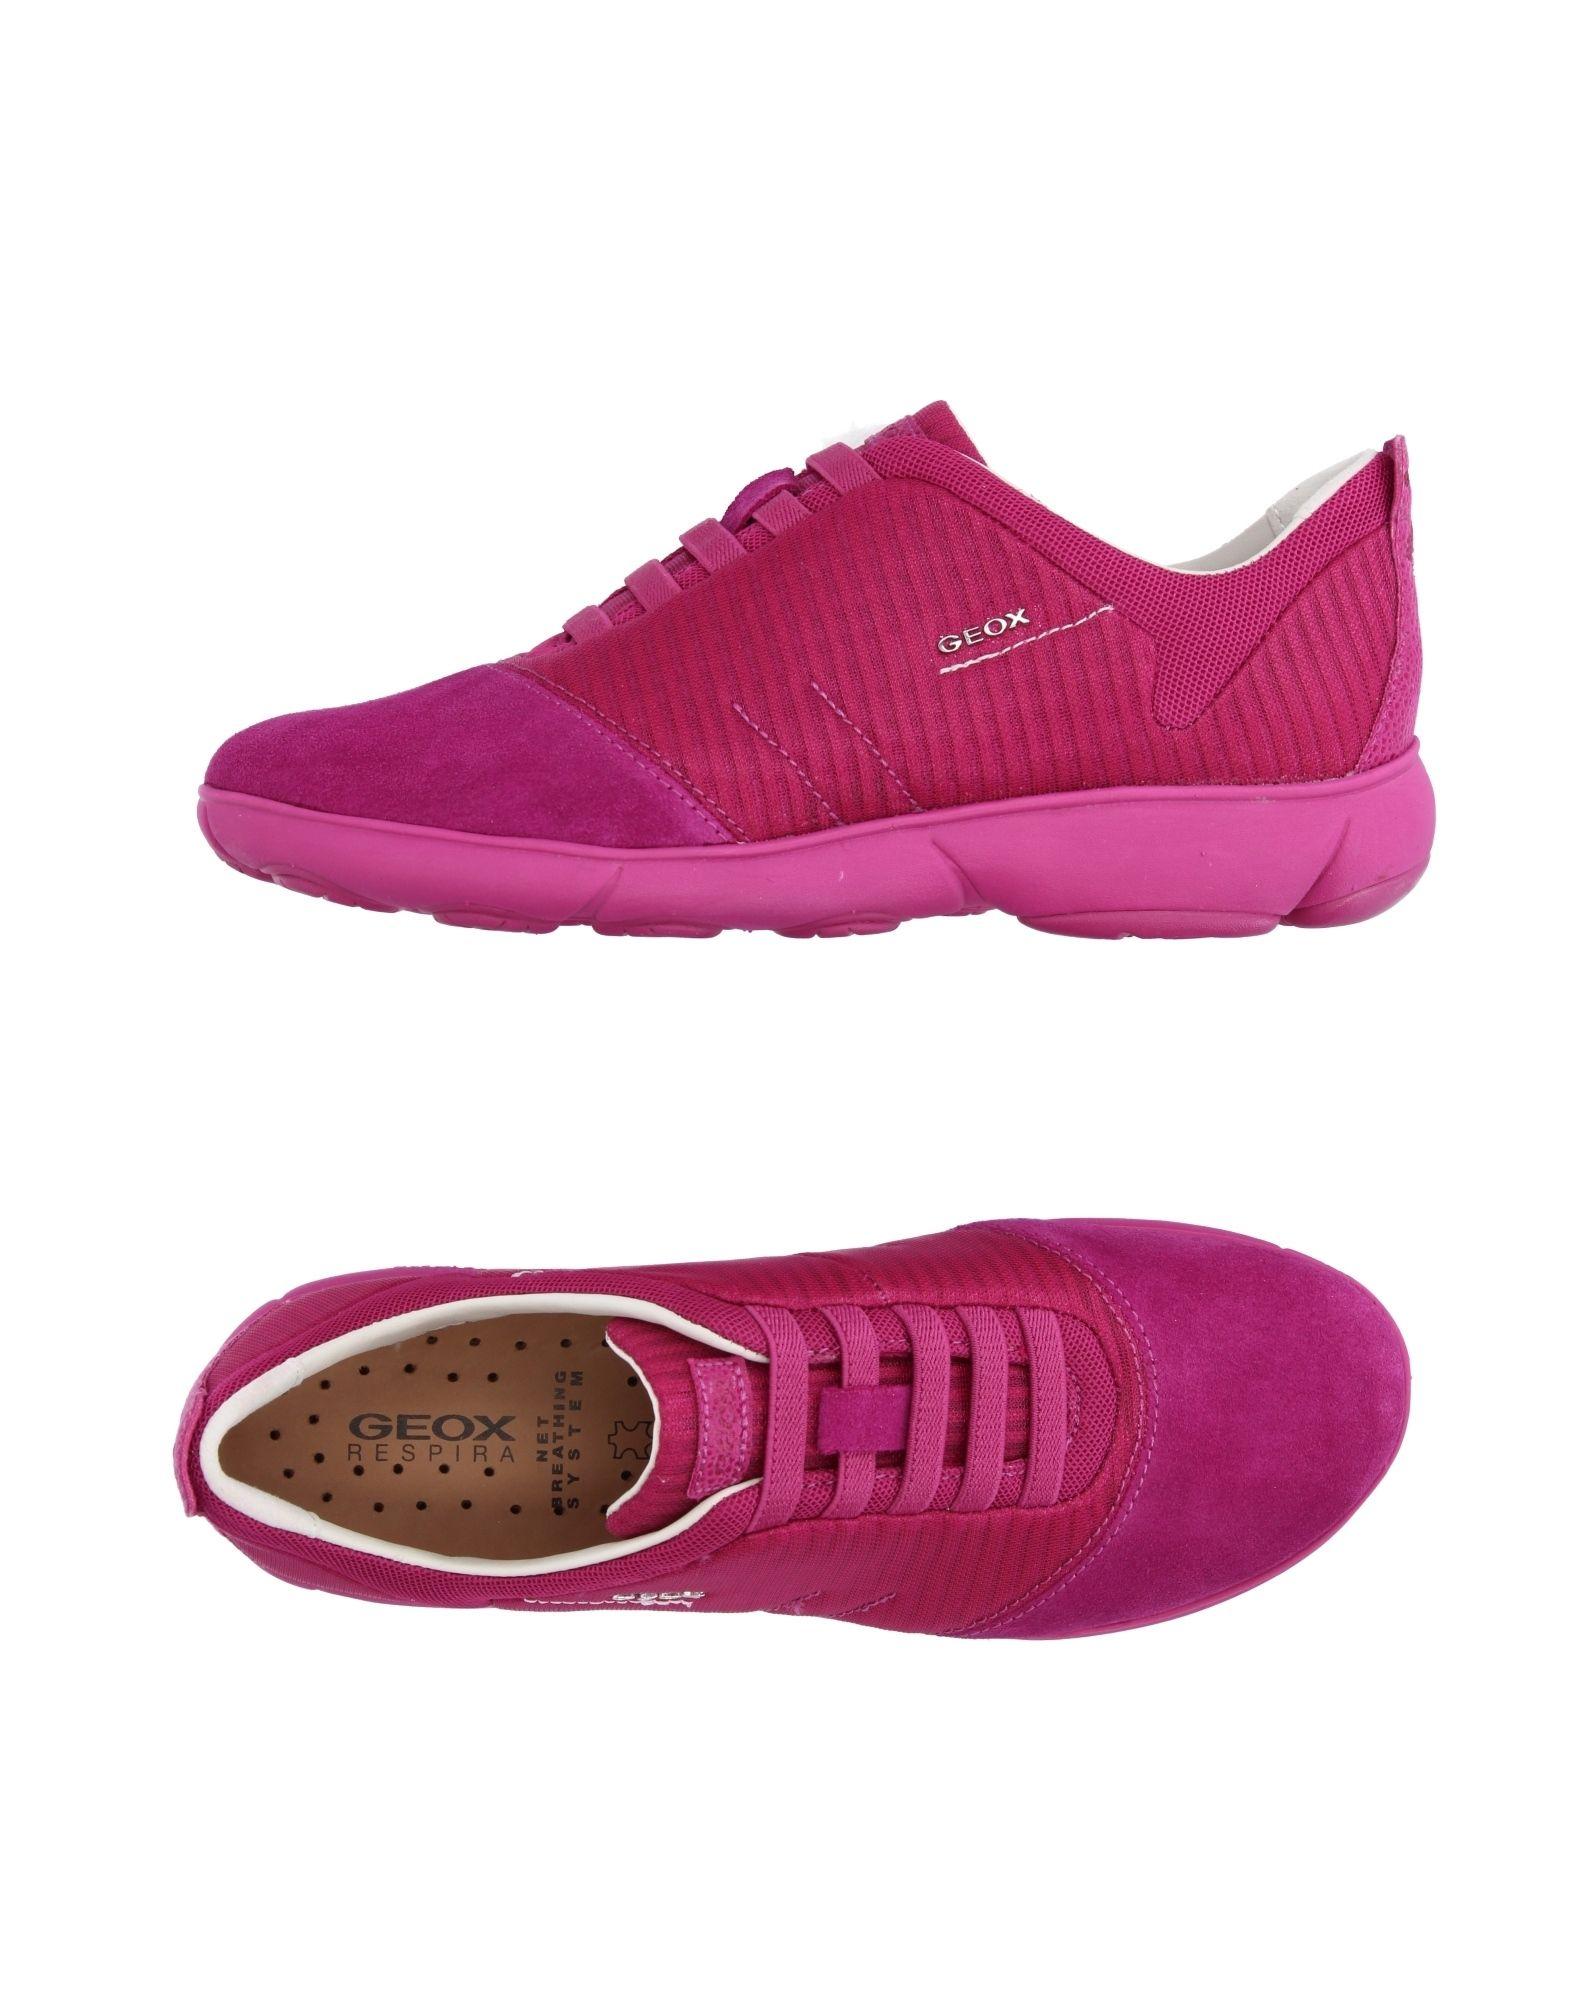 Geox Sneakers Damen  11217807VX Gute Qualität beliebte Schuhe